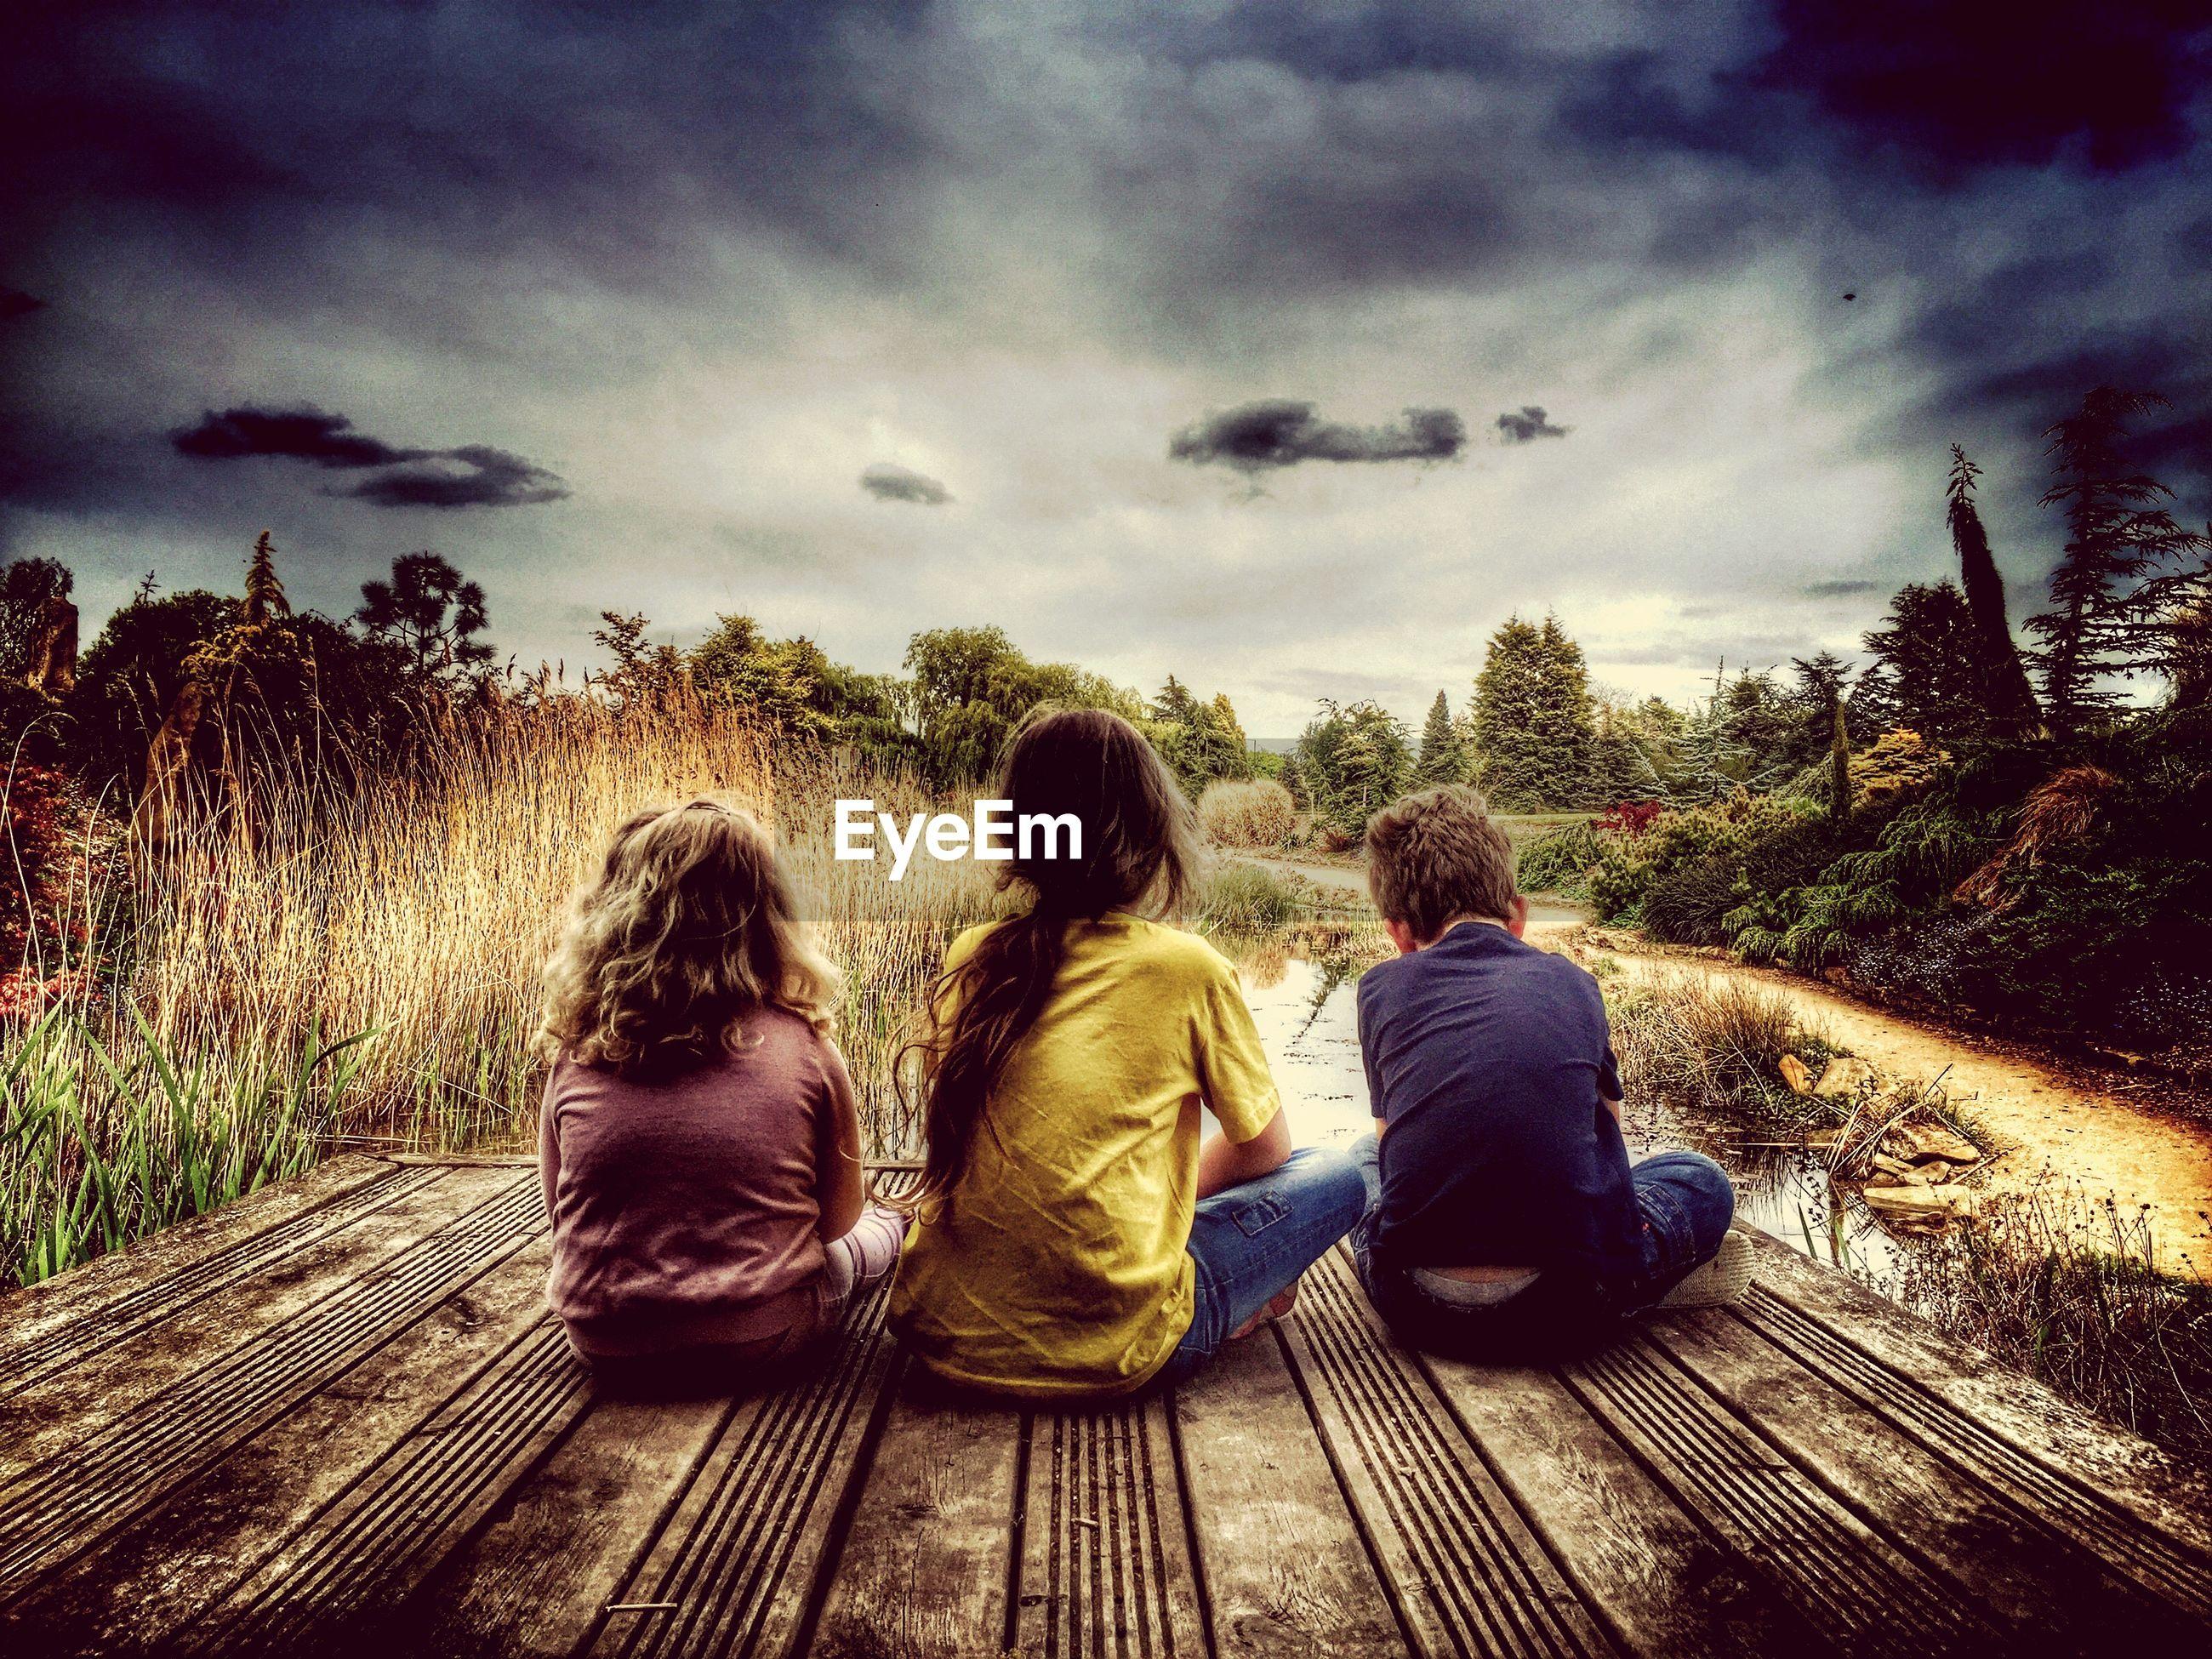 Siblings sitting on boardwalk against cloudy sky